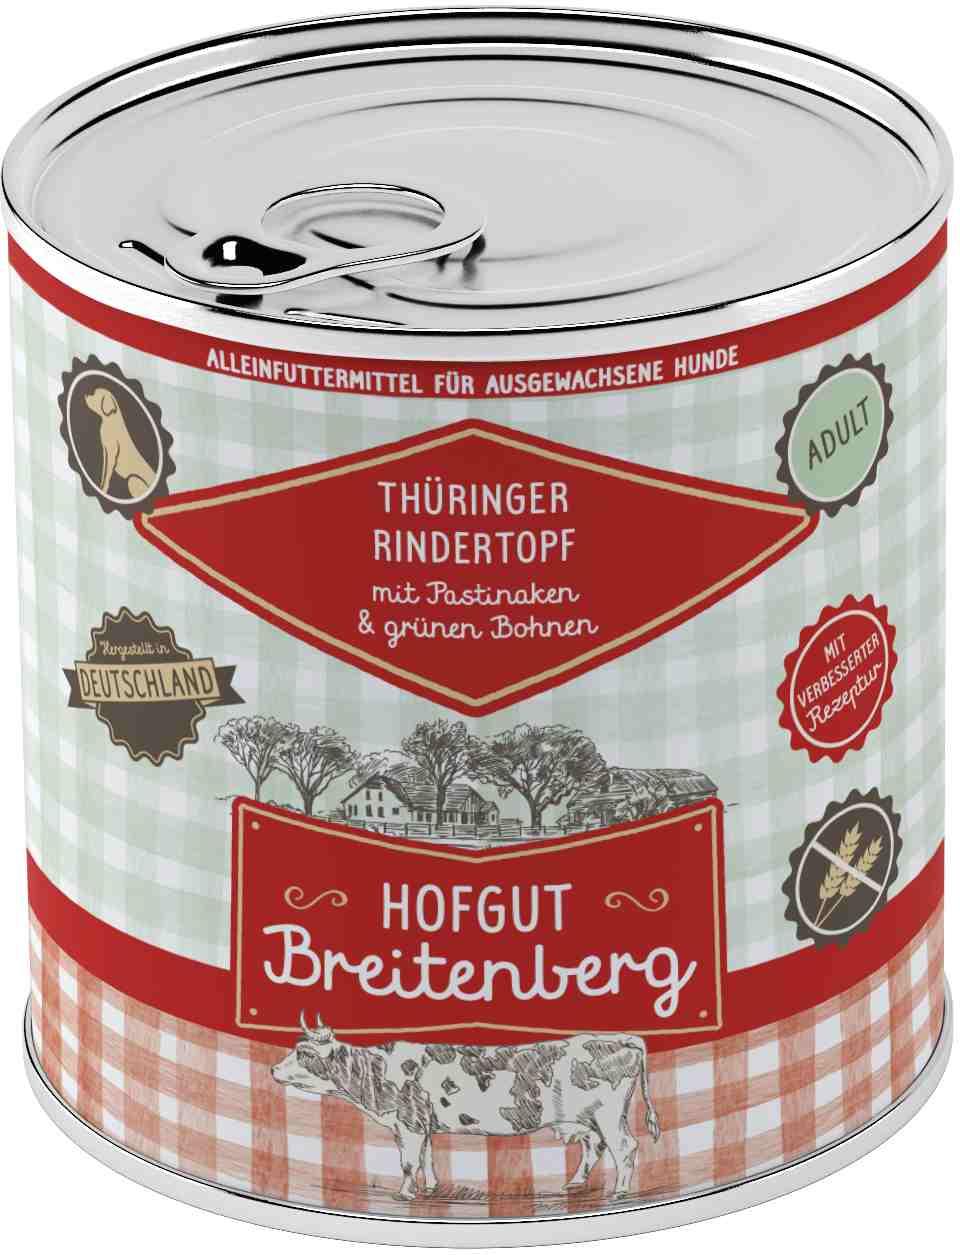 Hofgut Breitenberg Dog Thüringer Rindertopf 800g